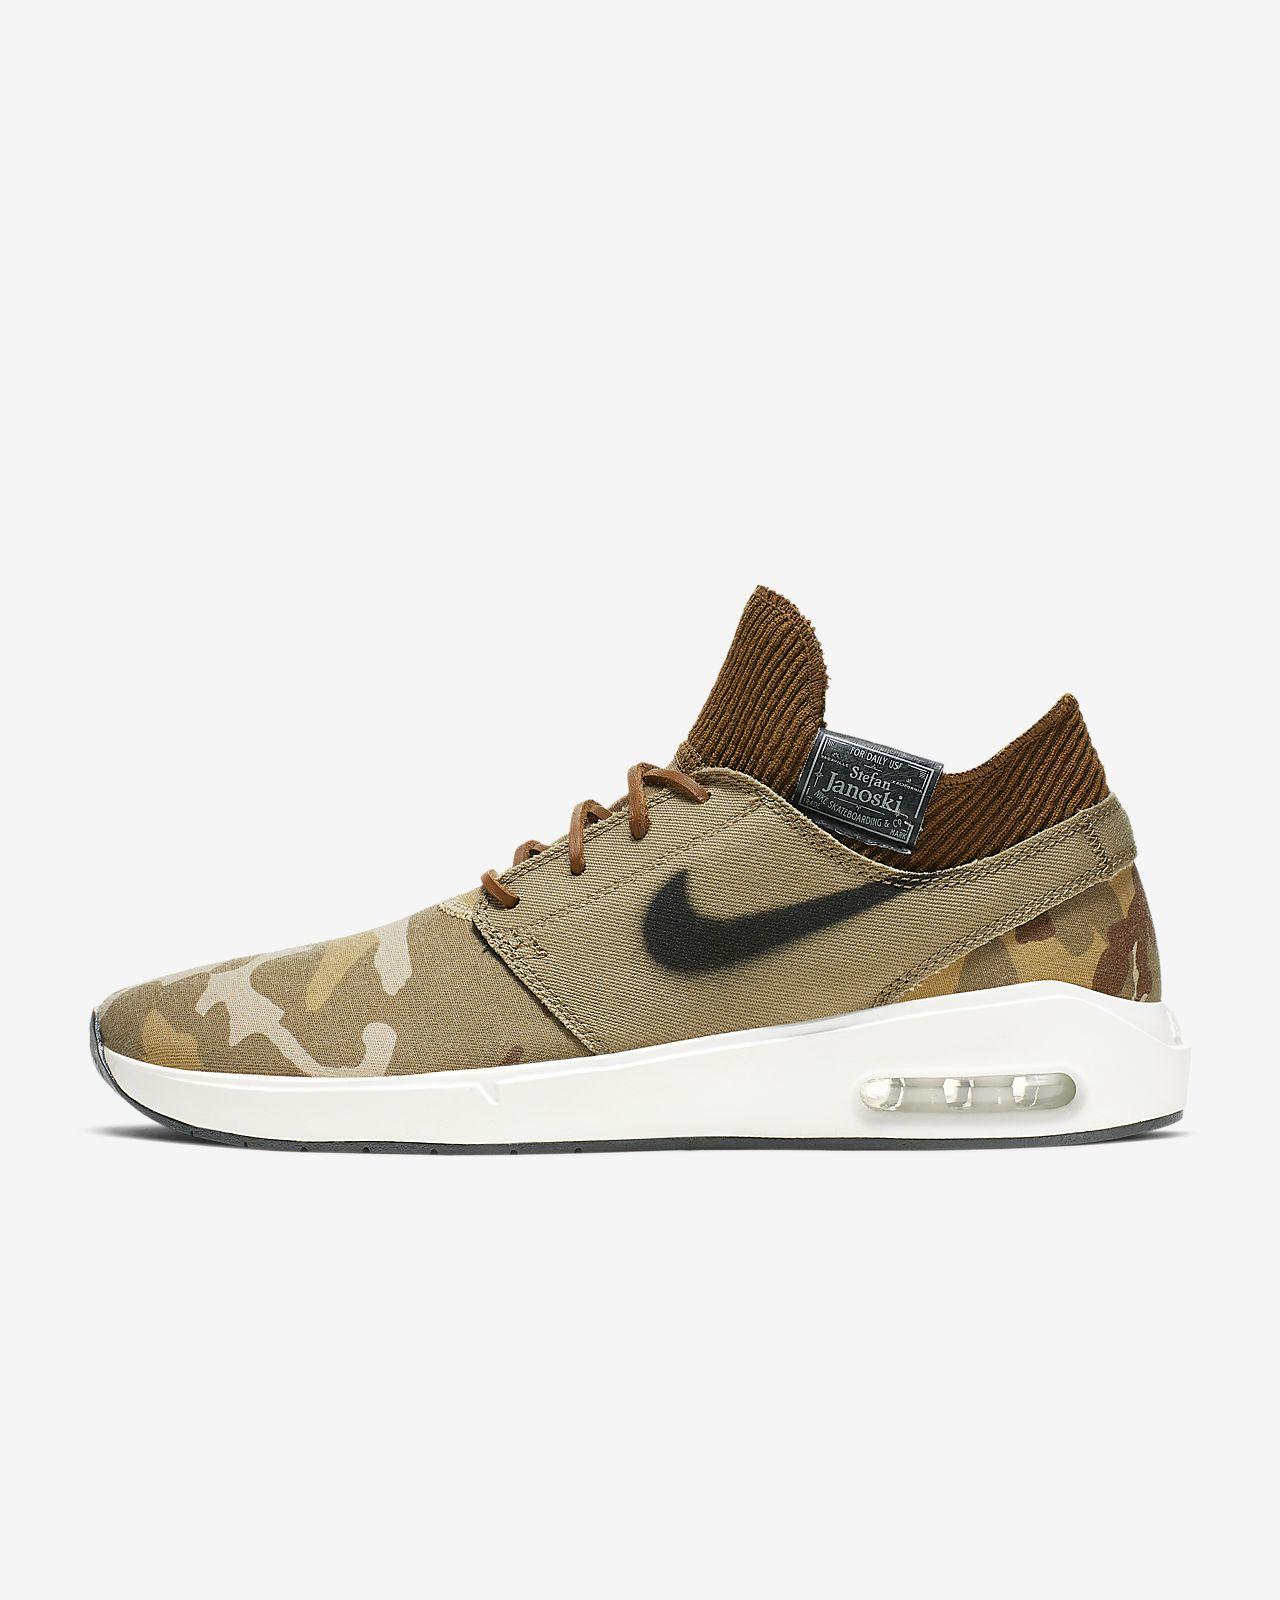 świetna jakość wyprzedaż hurtowa klasyczny styl Nike SB Air Max Stefan Janoski 2 Premium Men's Skate Shoe